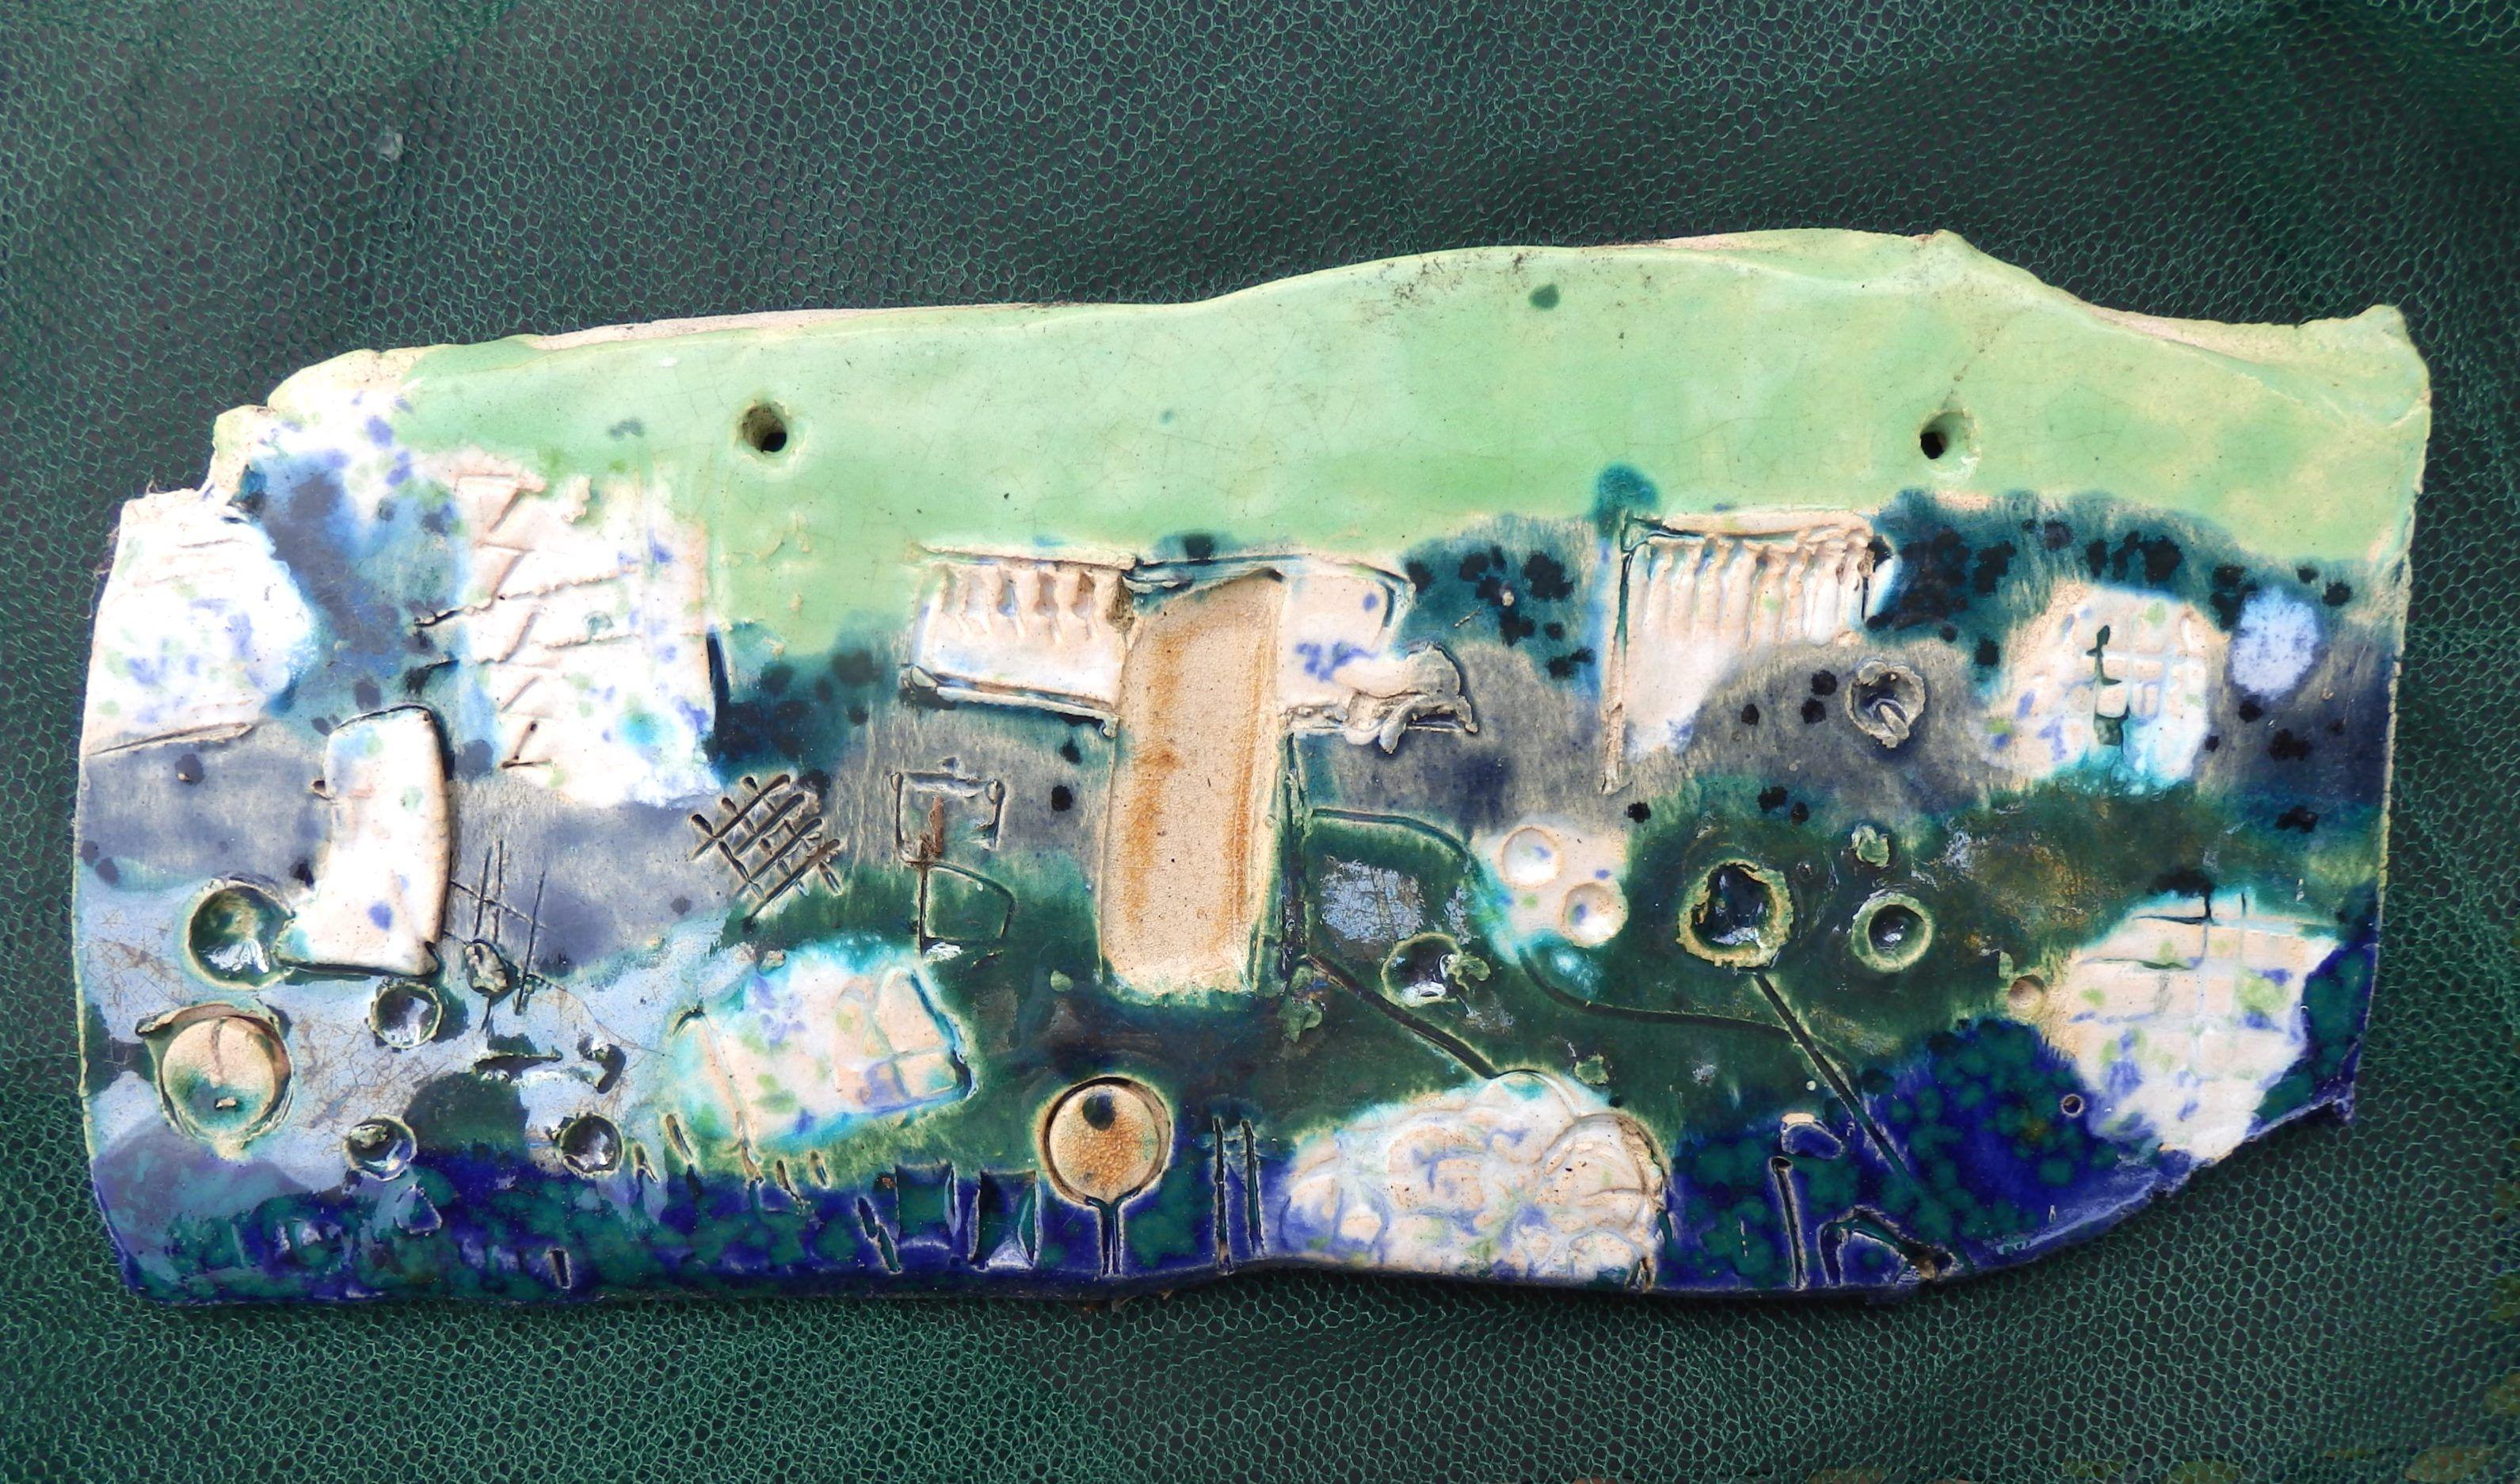 sampler with lovely glazes